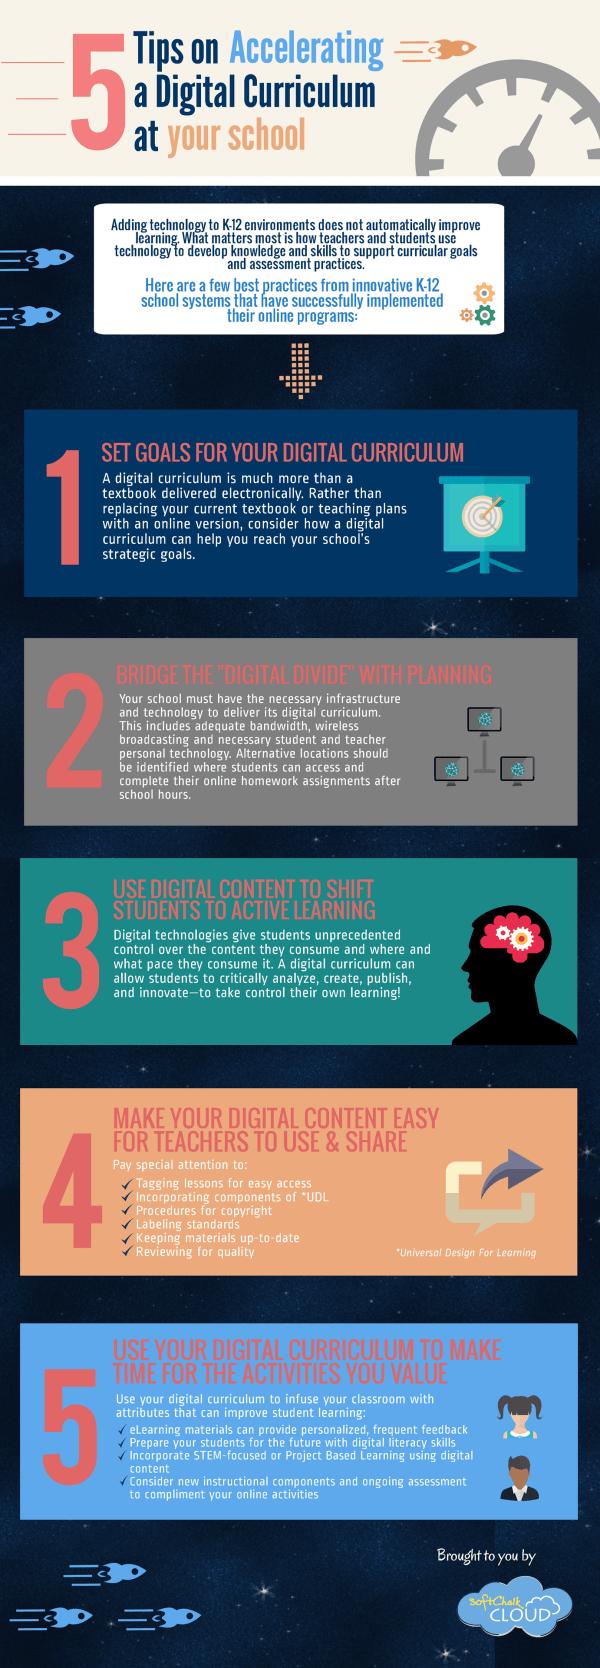 Tips Accelerating Digital Curriculum In School